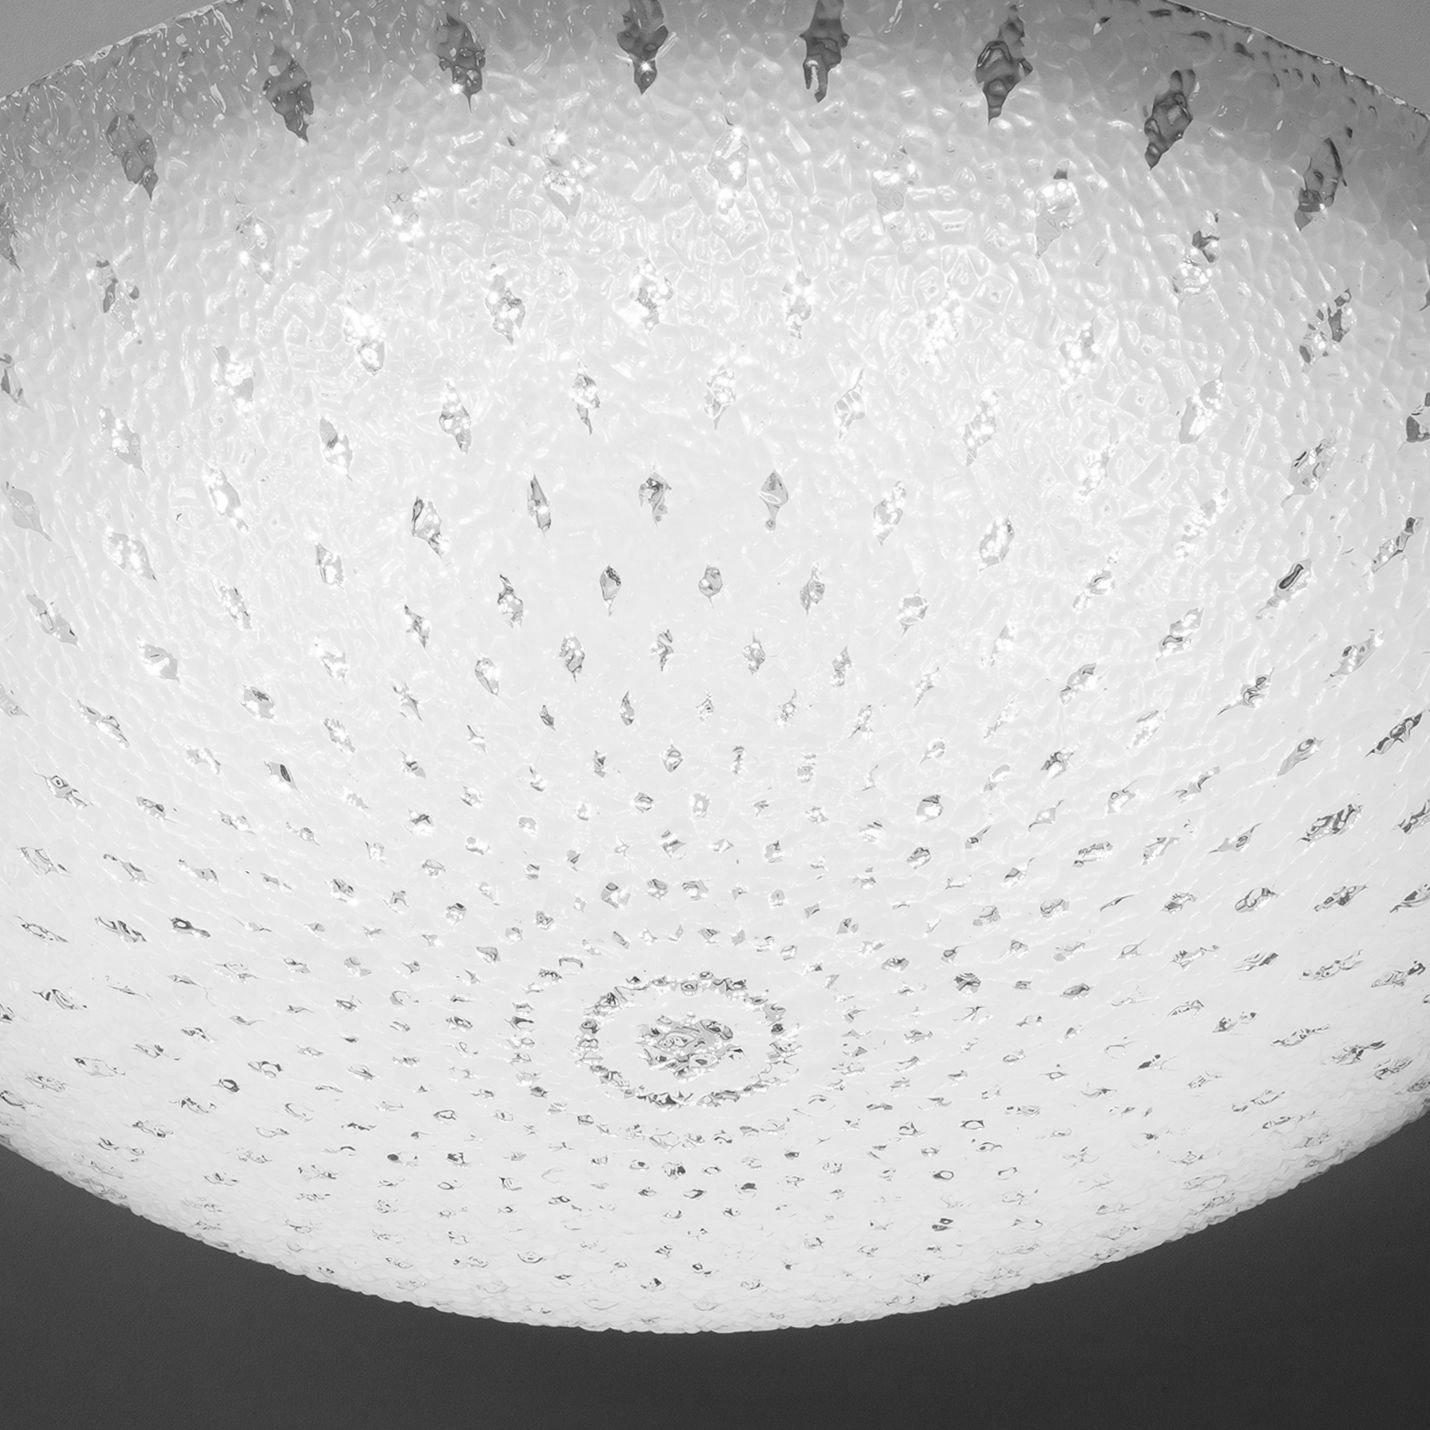 LED Glas Deckenleuchte Weiss 40cm Deckenlampe Lampe Leuchte Wohnzimmer Esszimmer Bild 3